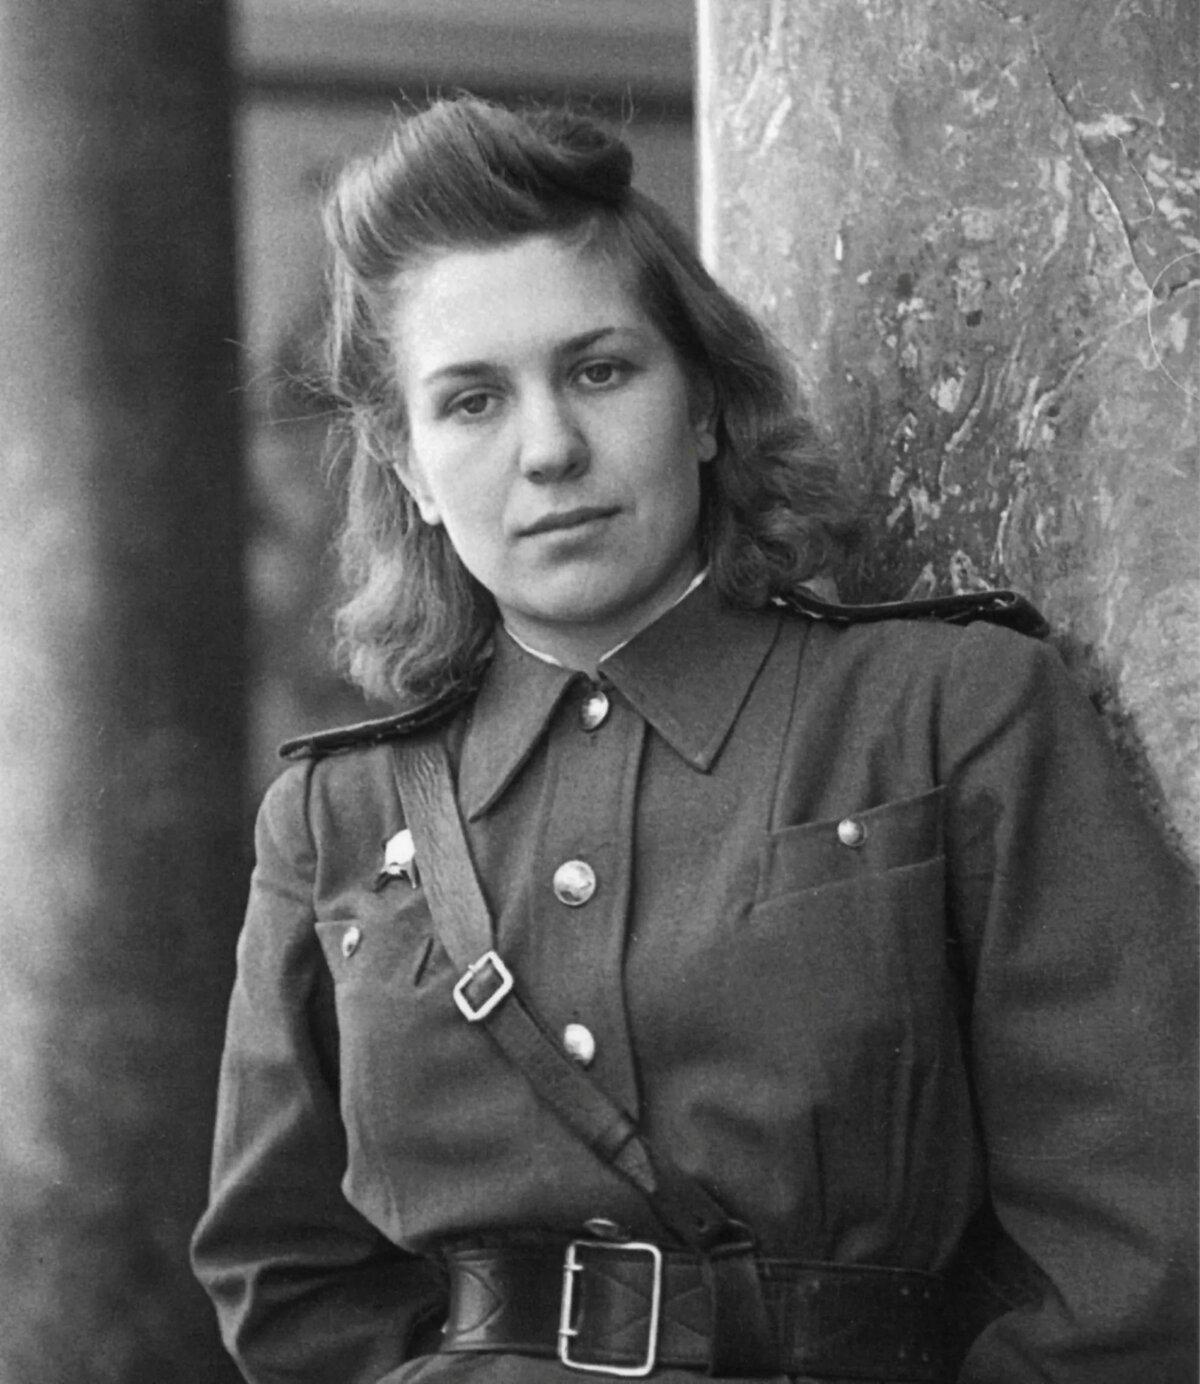 Женские фото военных лет